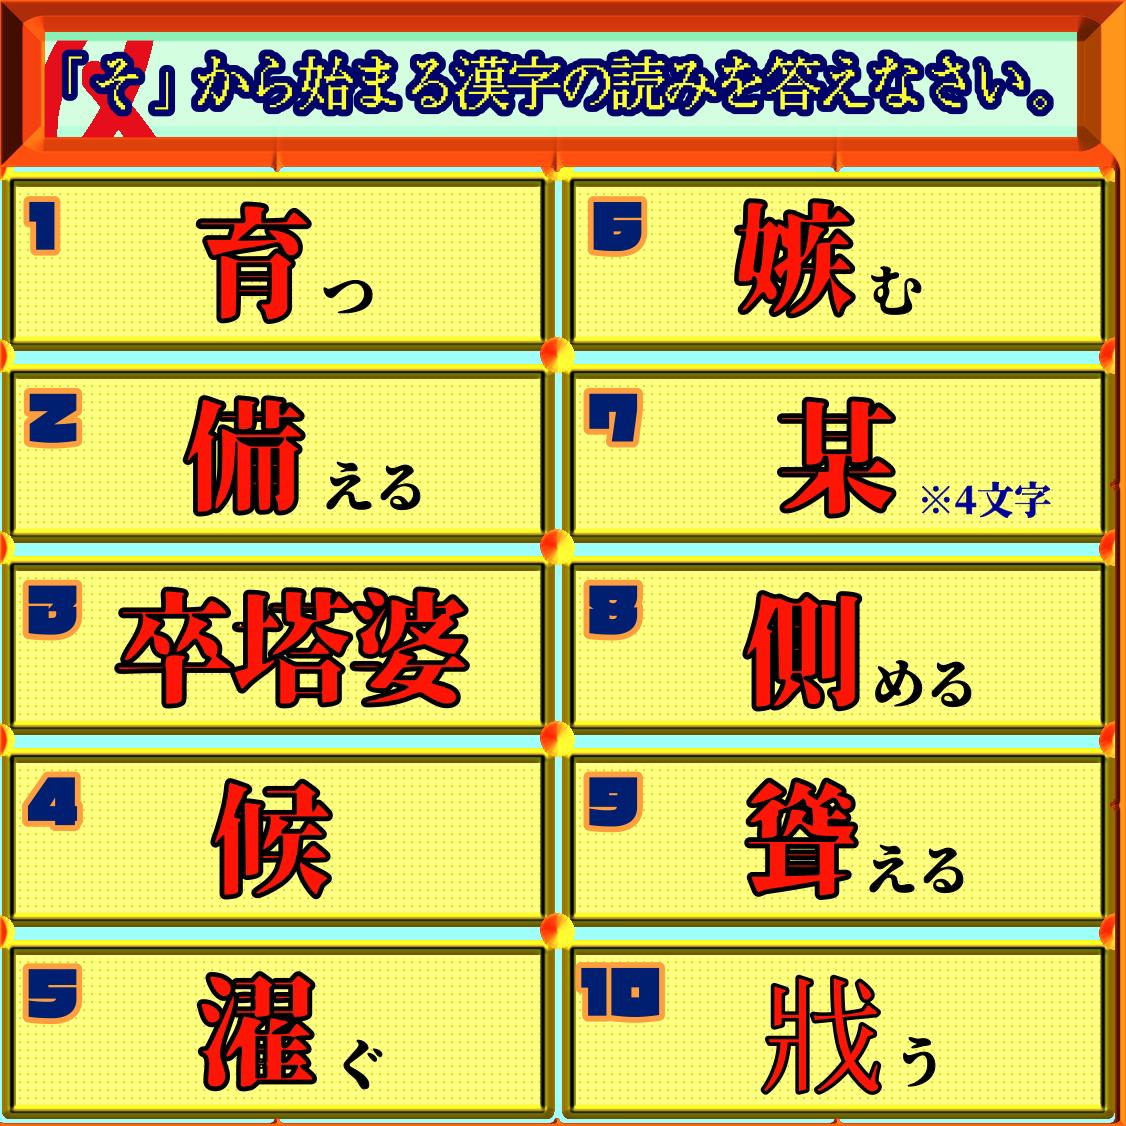 消し マス アプリ 漢字